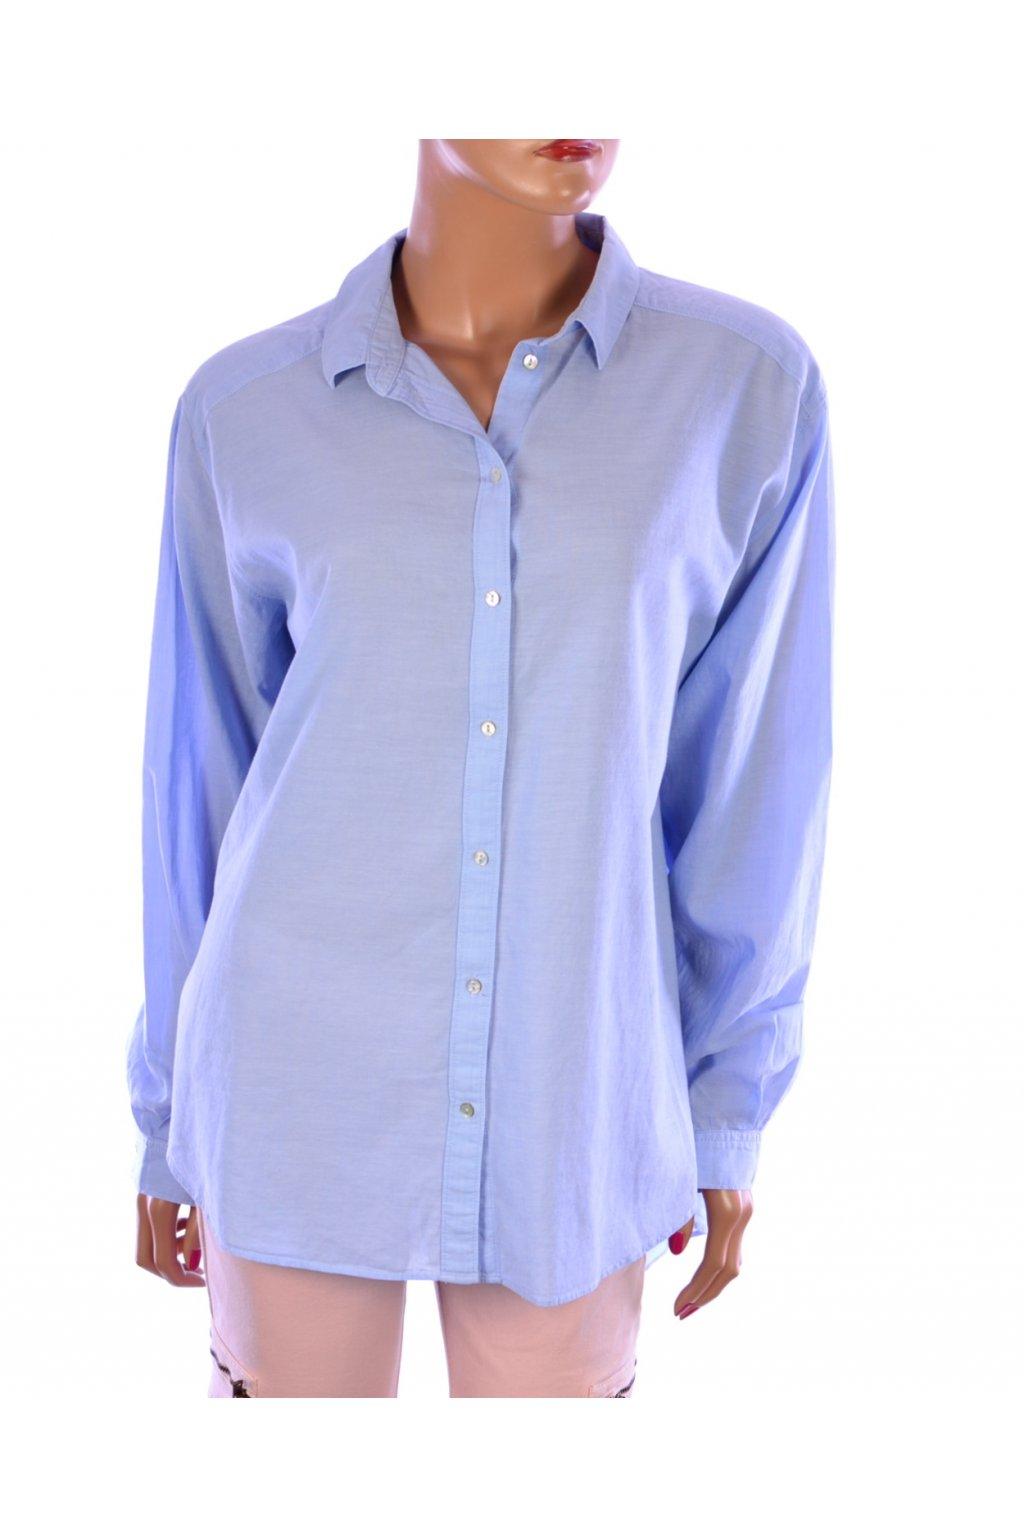 Halenka košile modrá vel. XL